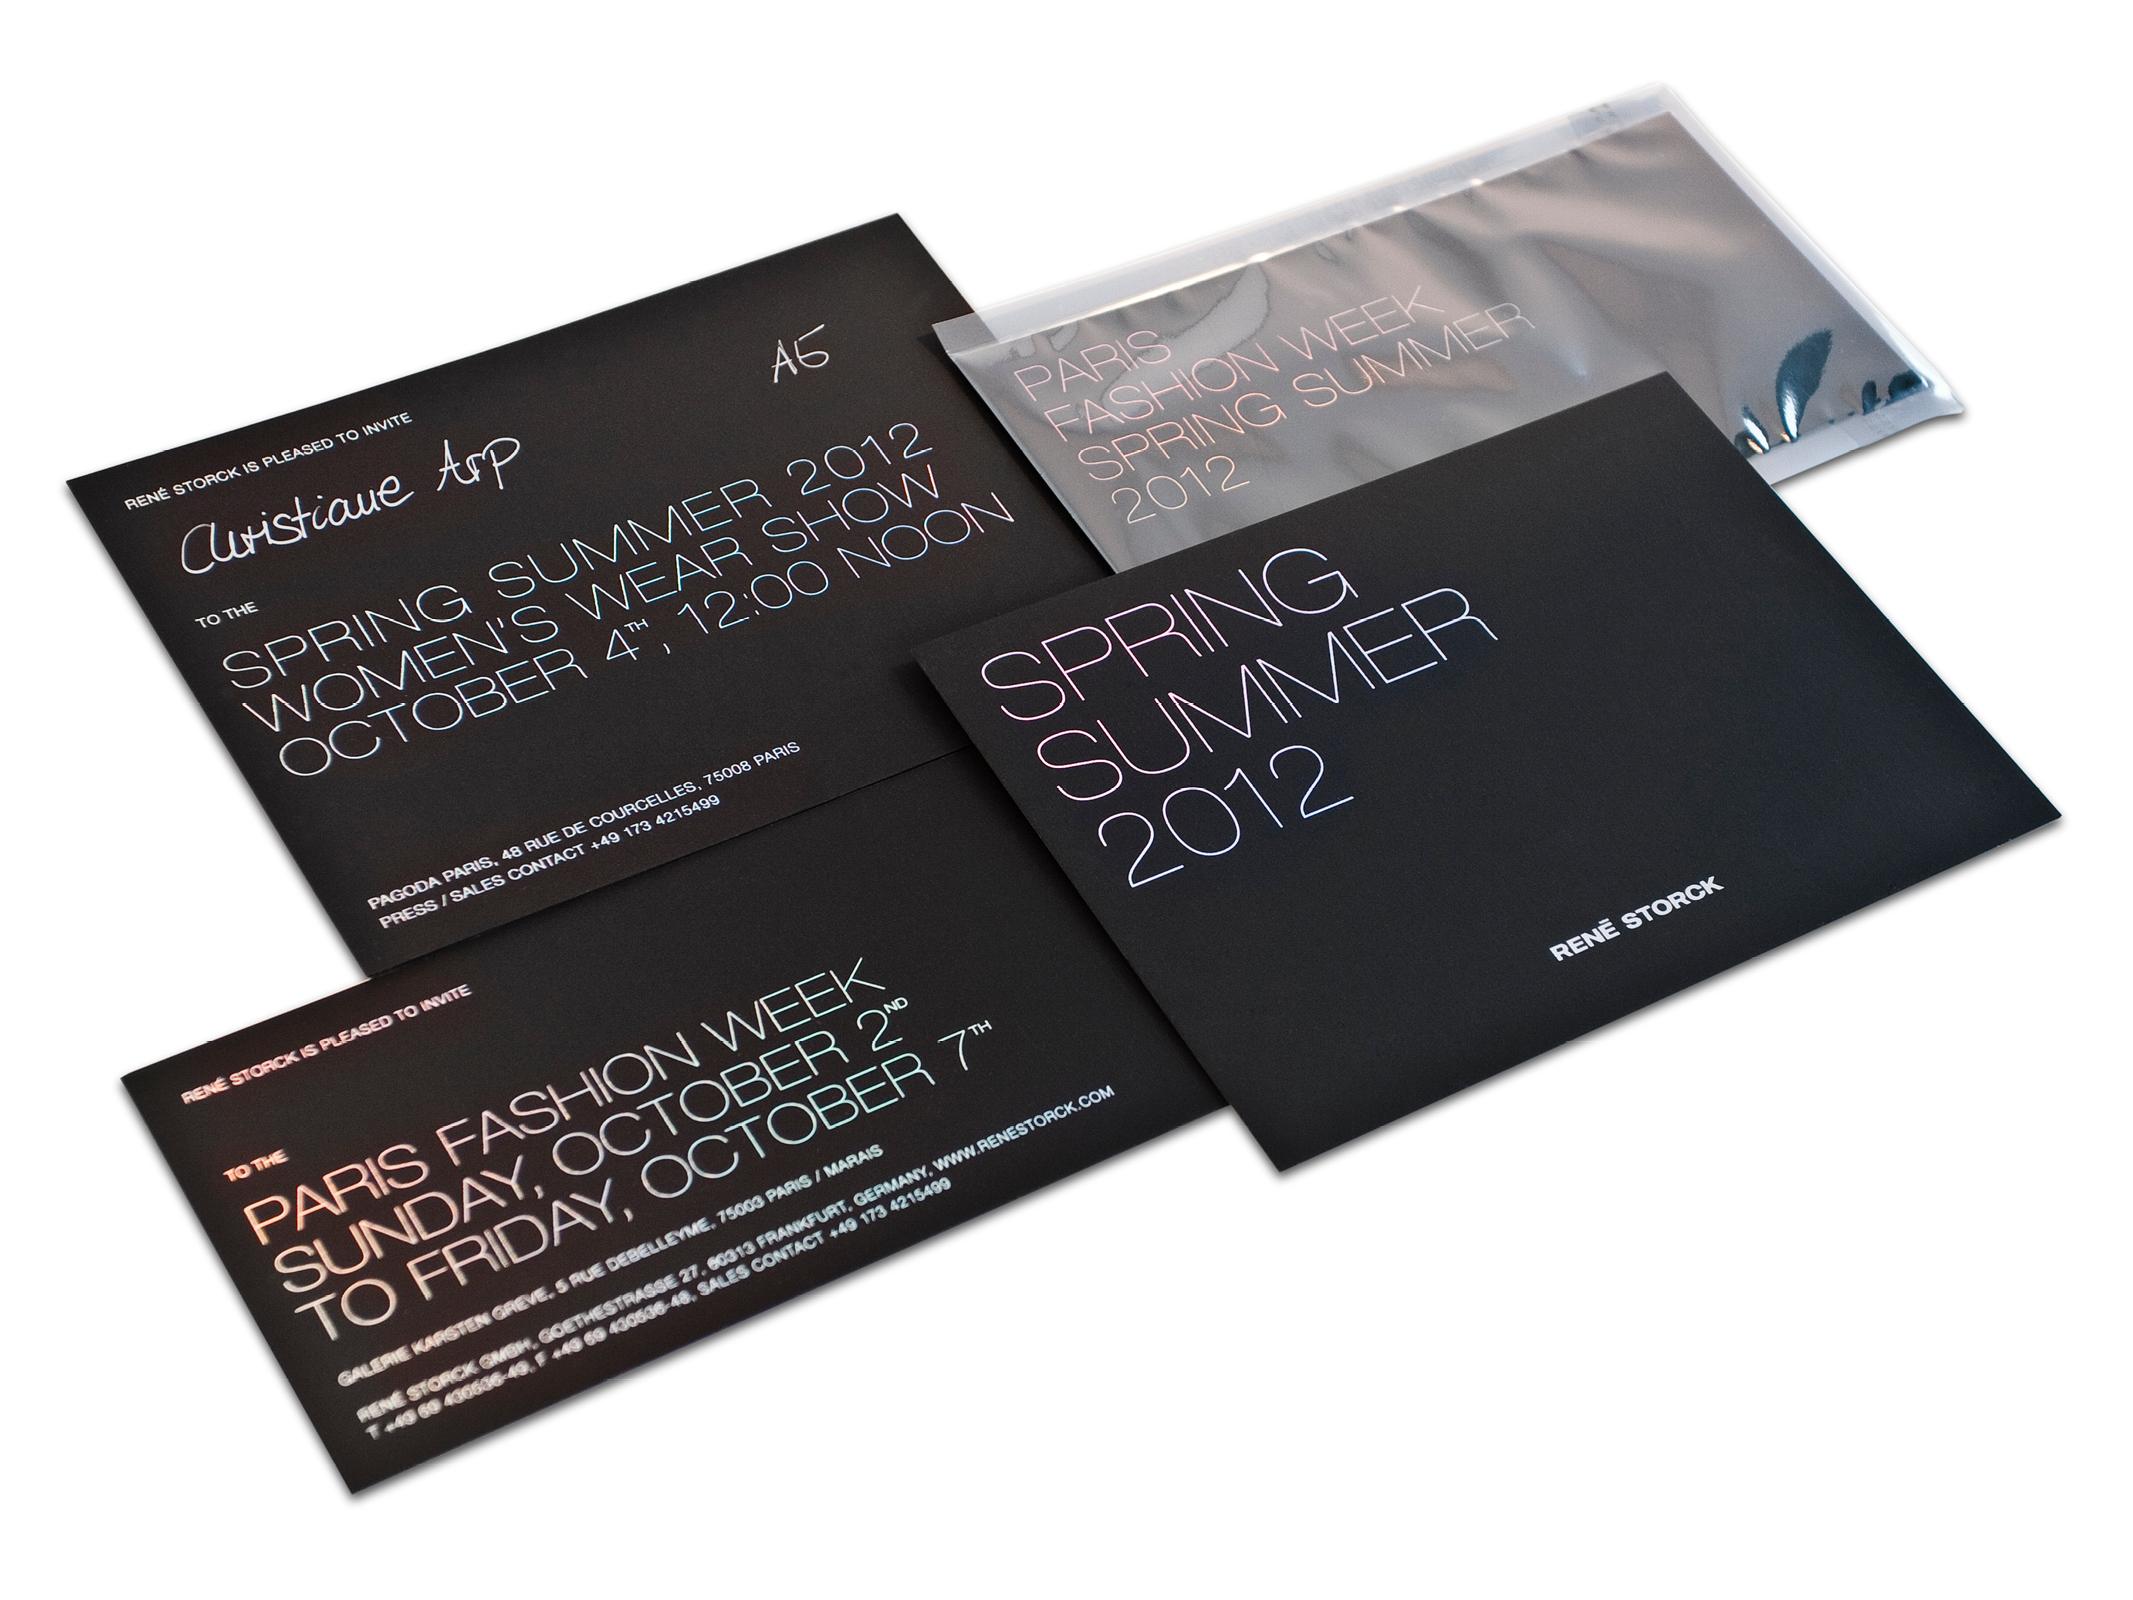 Rene Storck – Poarangan Brand Design4